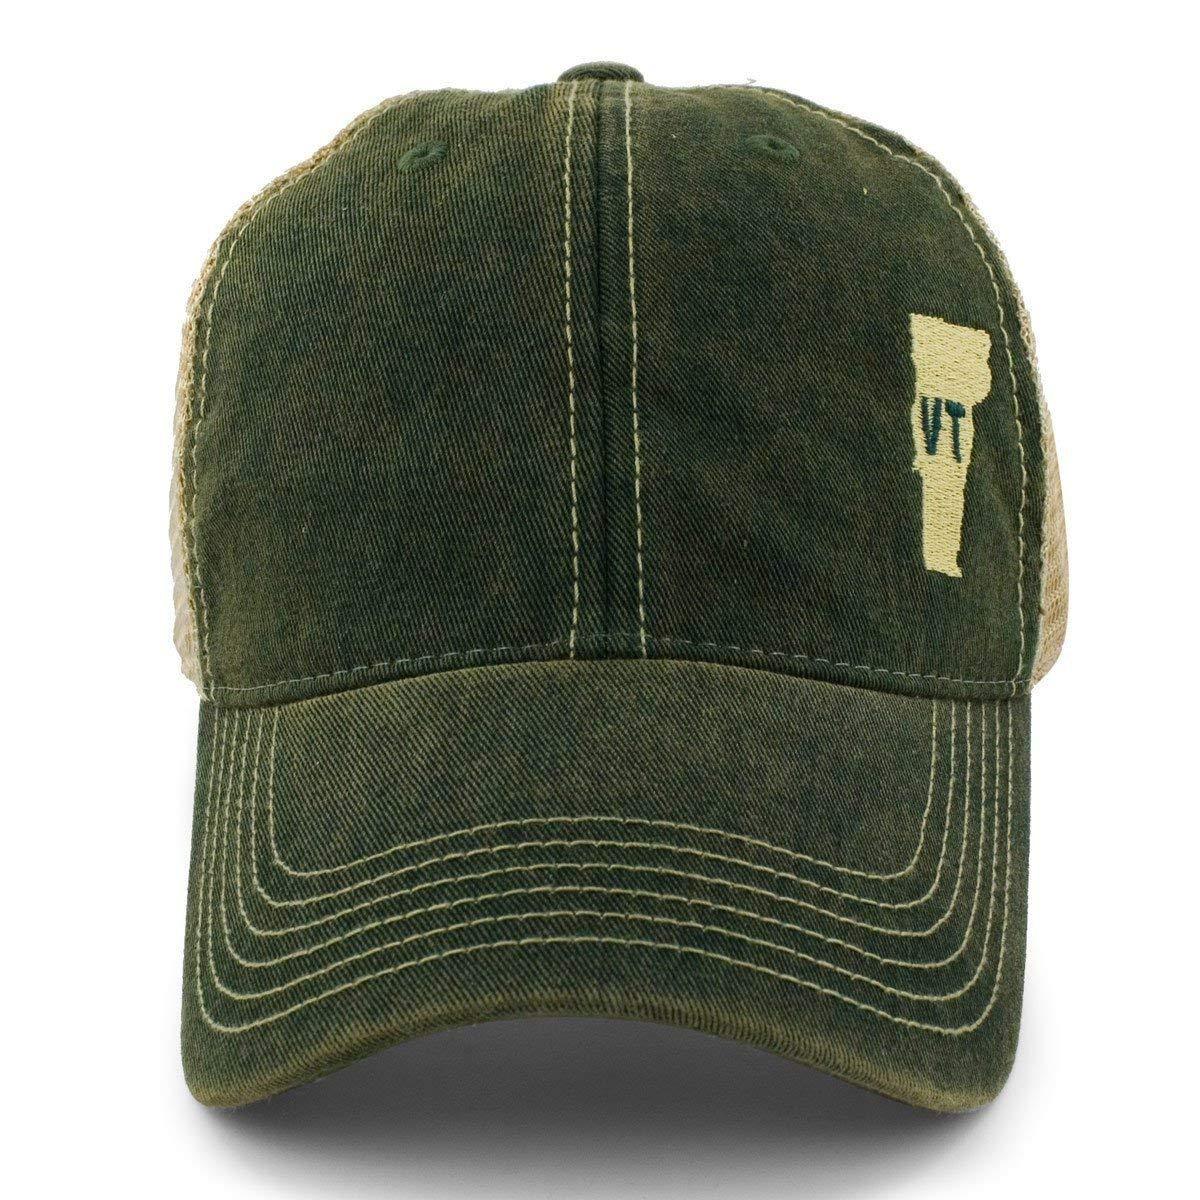 783413b54 Chowdaheadz Mini Vermont Dirty Water Mesh Trucker Hat - Green at Amazon  Men's Clothing store: